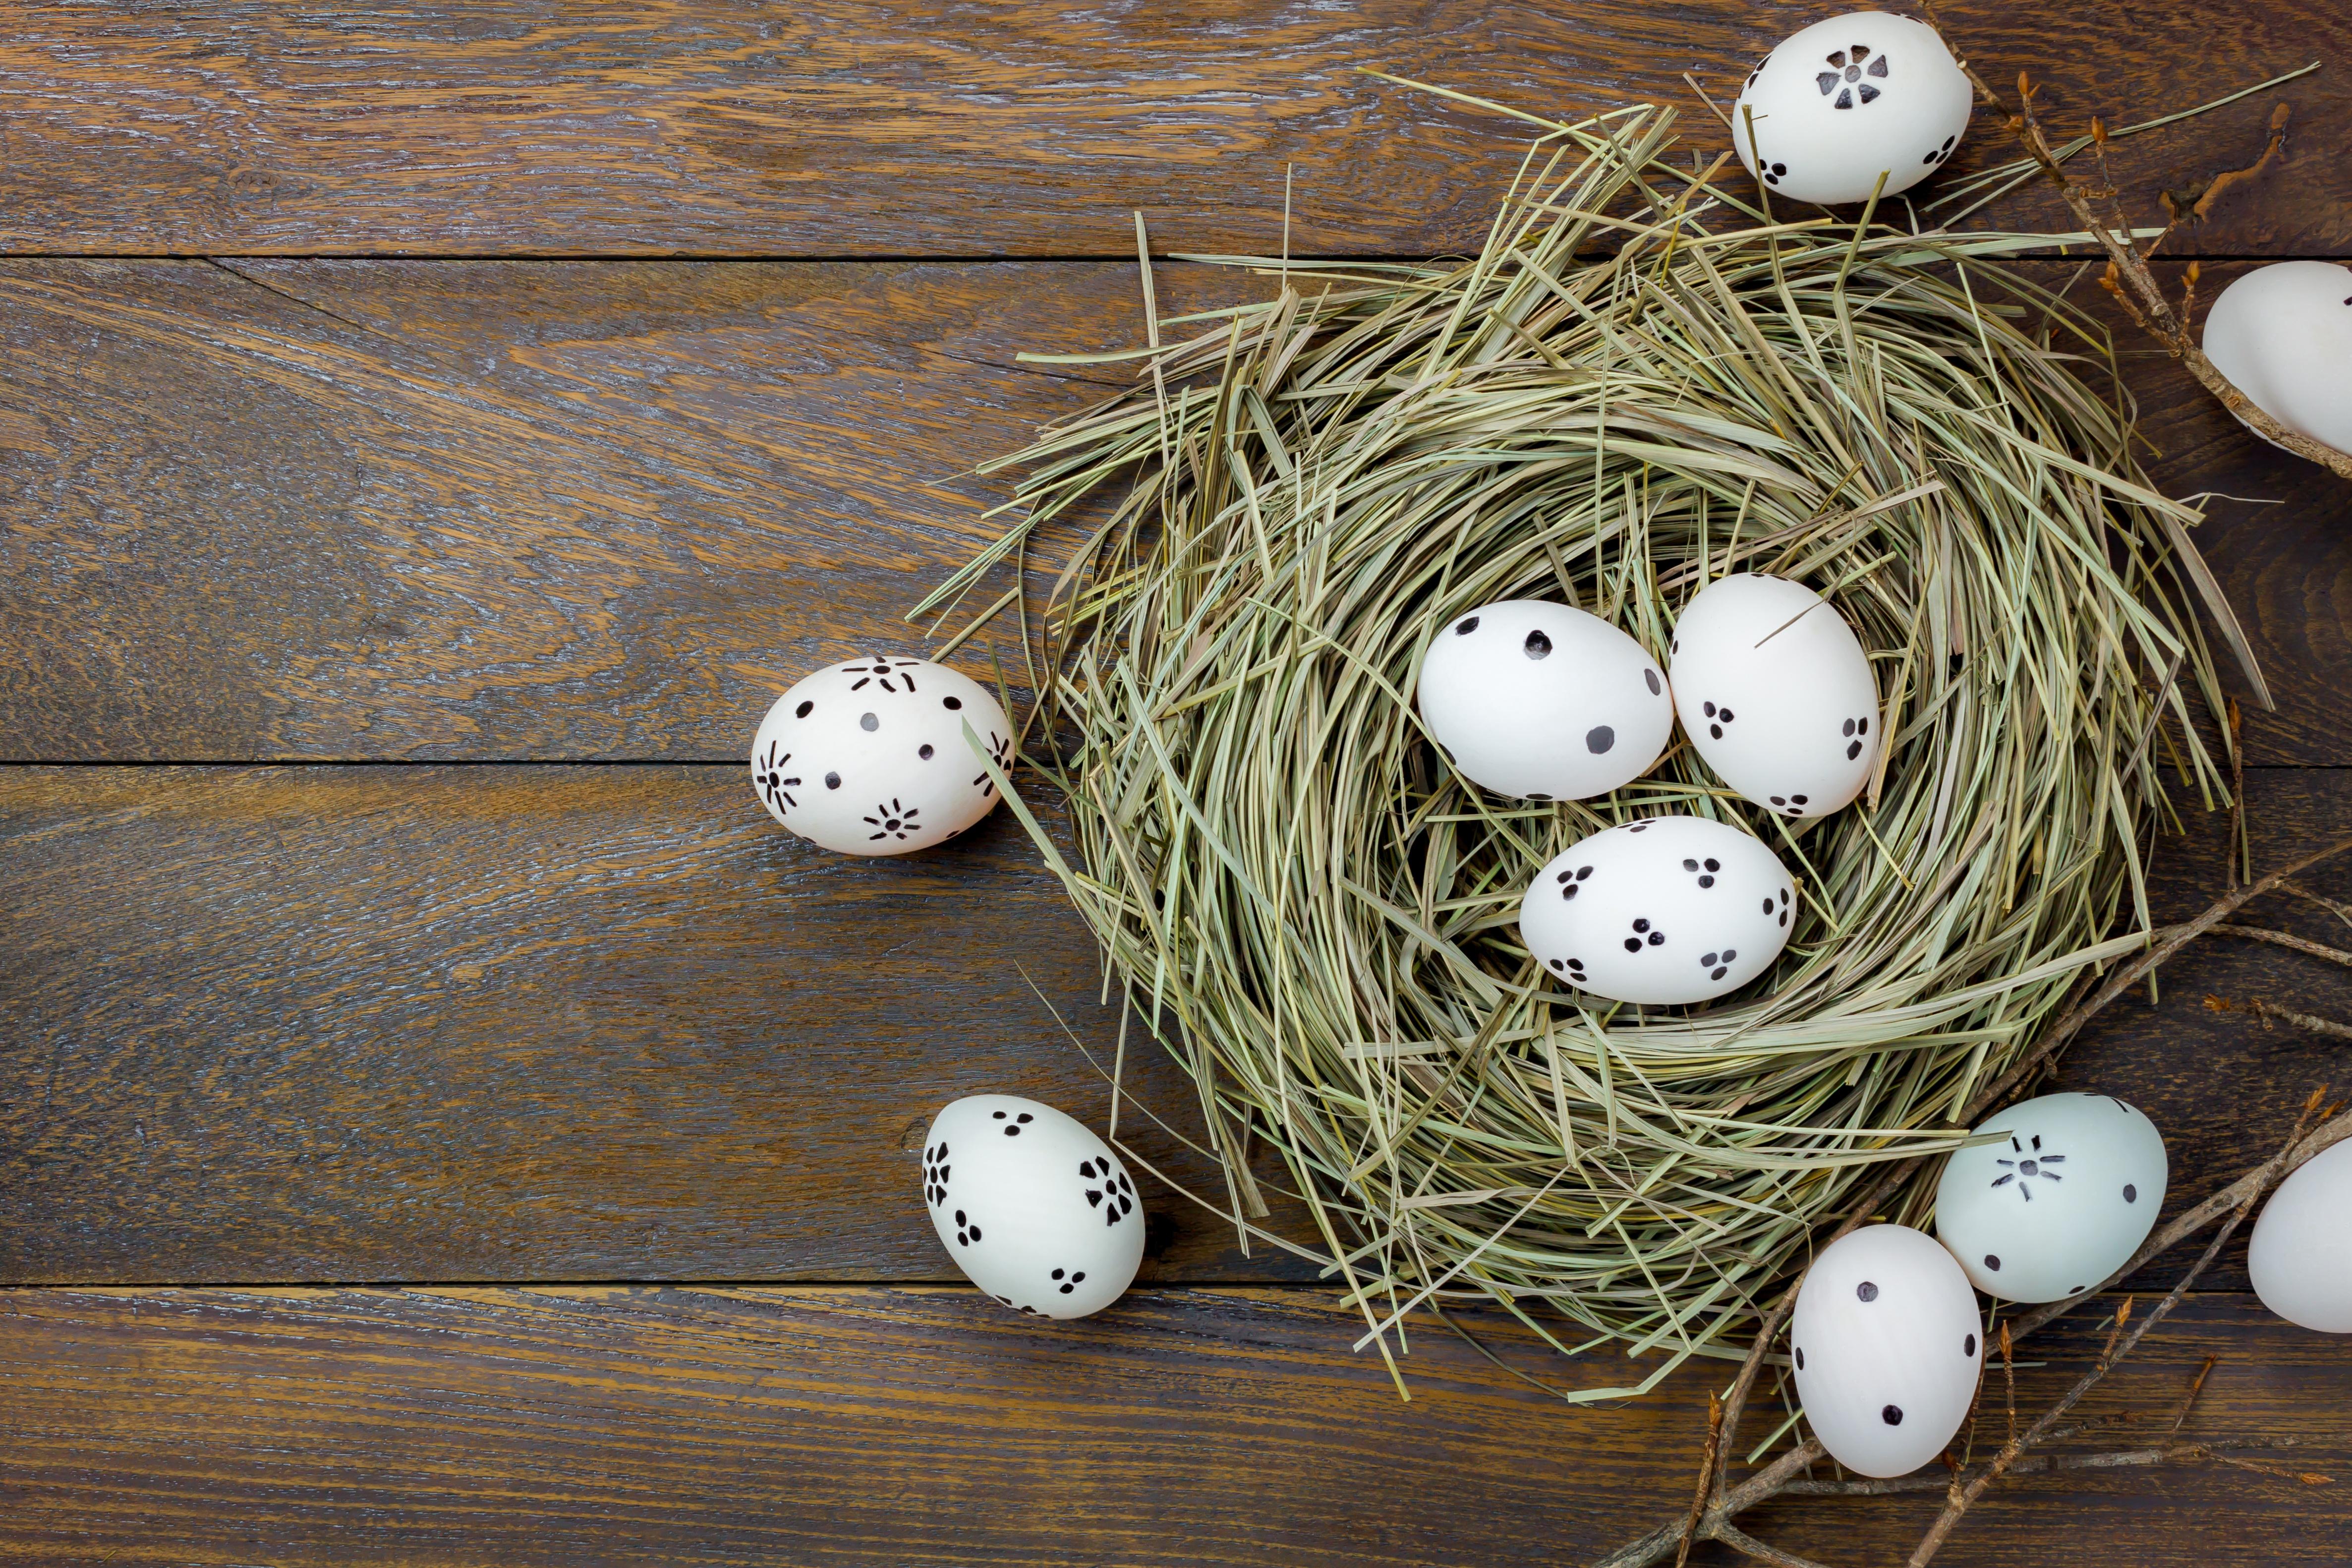 Фотография Пасха яиц гнезде Доски 4745x3163 яйцо Яйца яйцами гнезда Гнездо